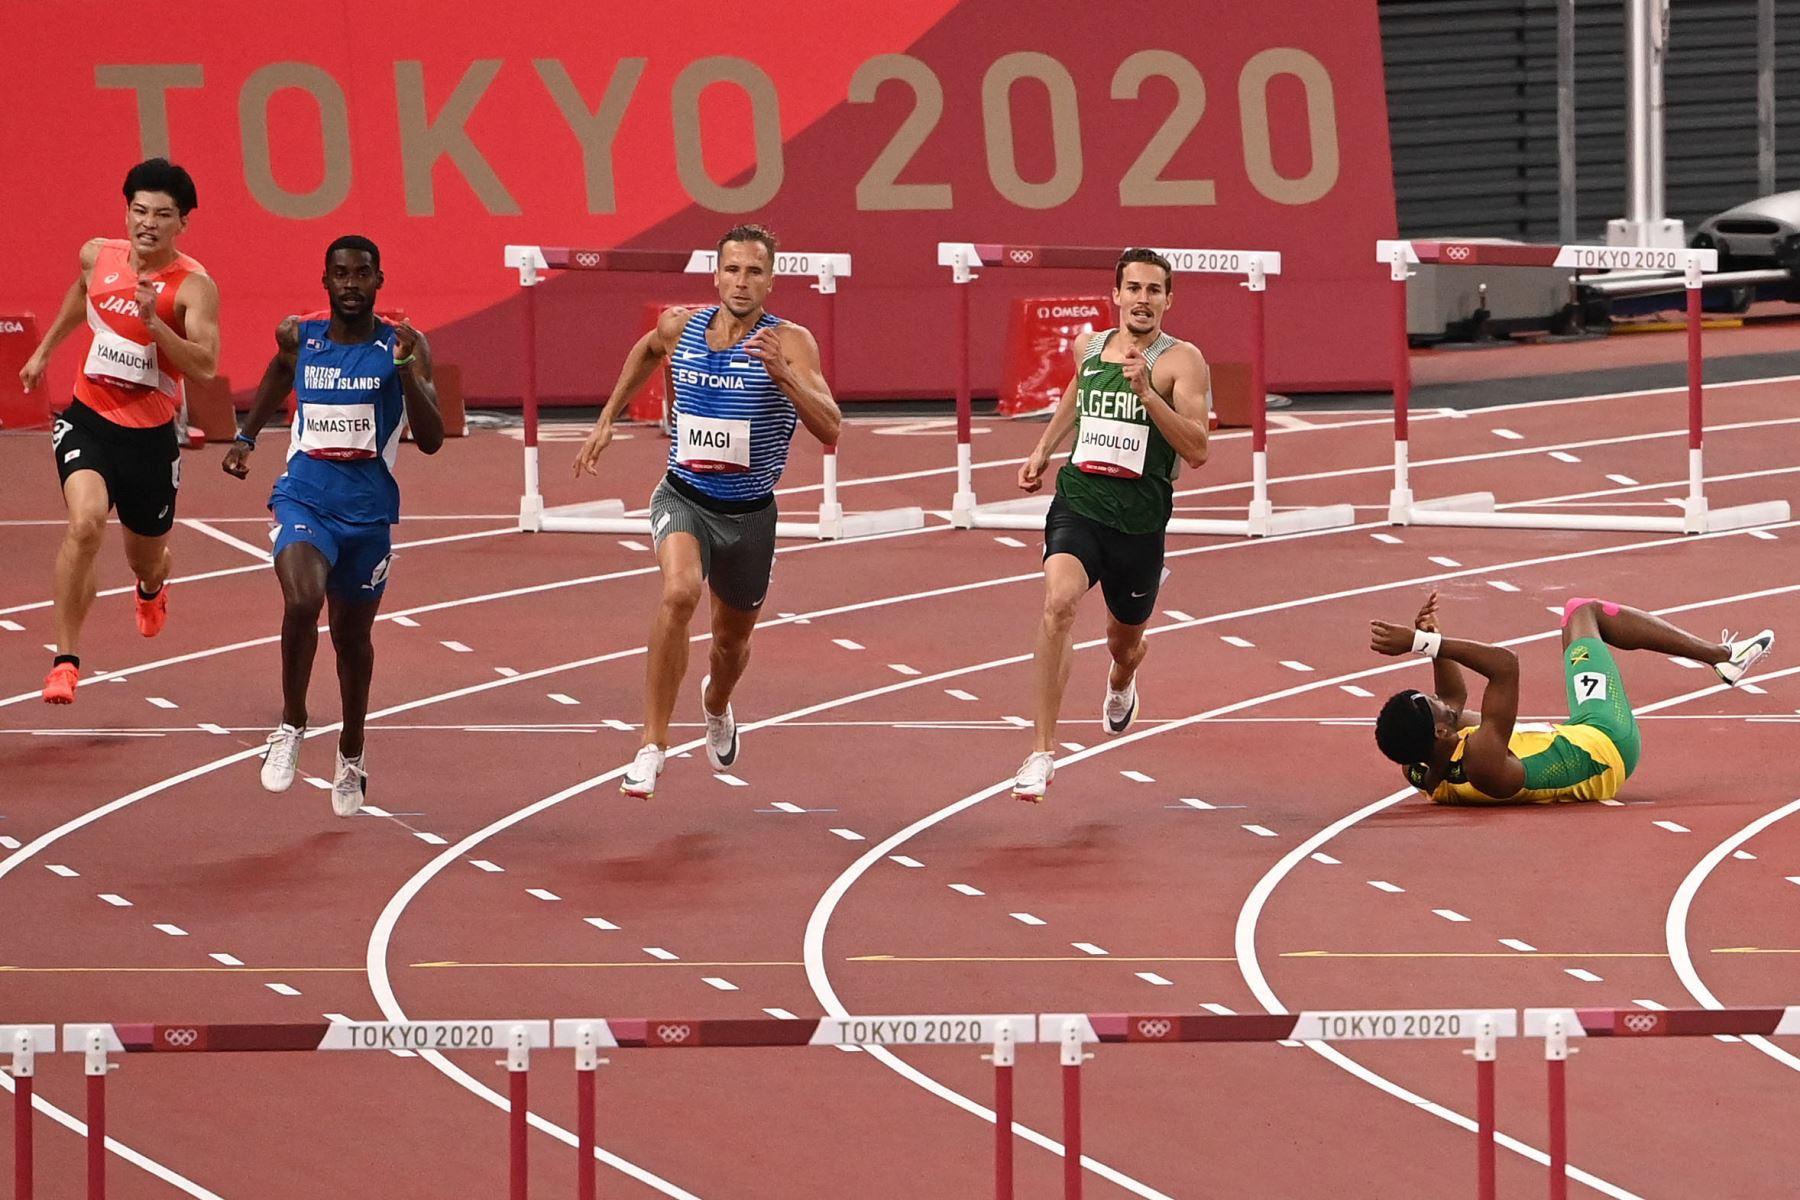 Jaheel Hyde de Jamaica cae mientras competía en las semifinales masculinas de 400 metros con vallas durante los Juegos Olímpicos de Tokio 2020 en el estadio Olímpico de Tokio. Foto: AFP